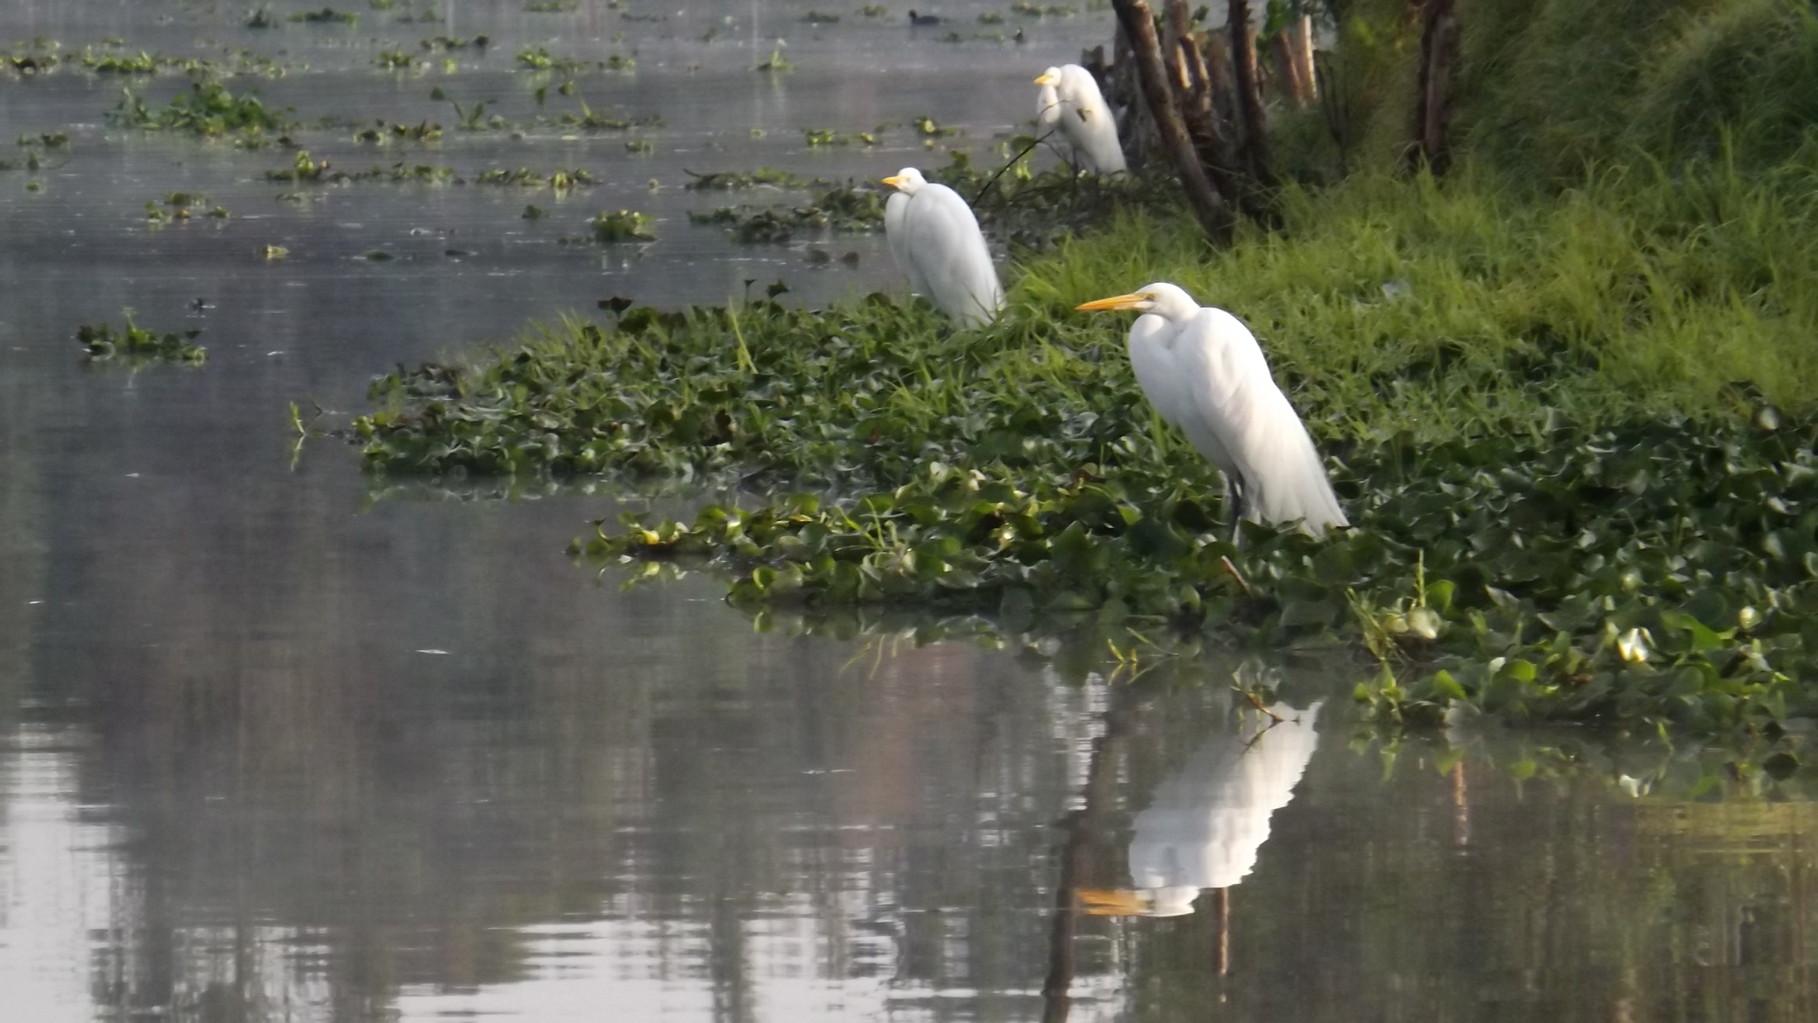 Las garzas blancas son de las aves más vistas en los canales de Xochimilco.